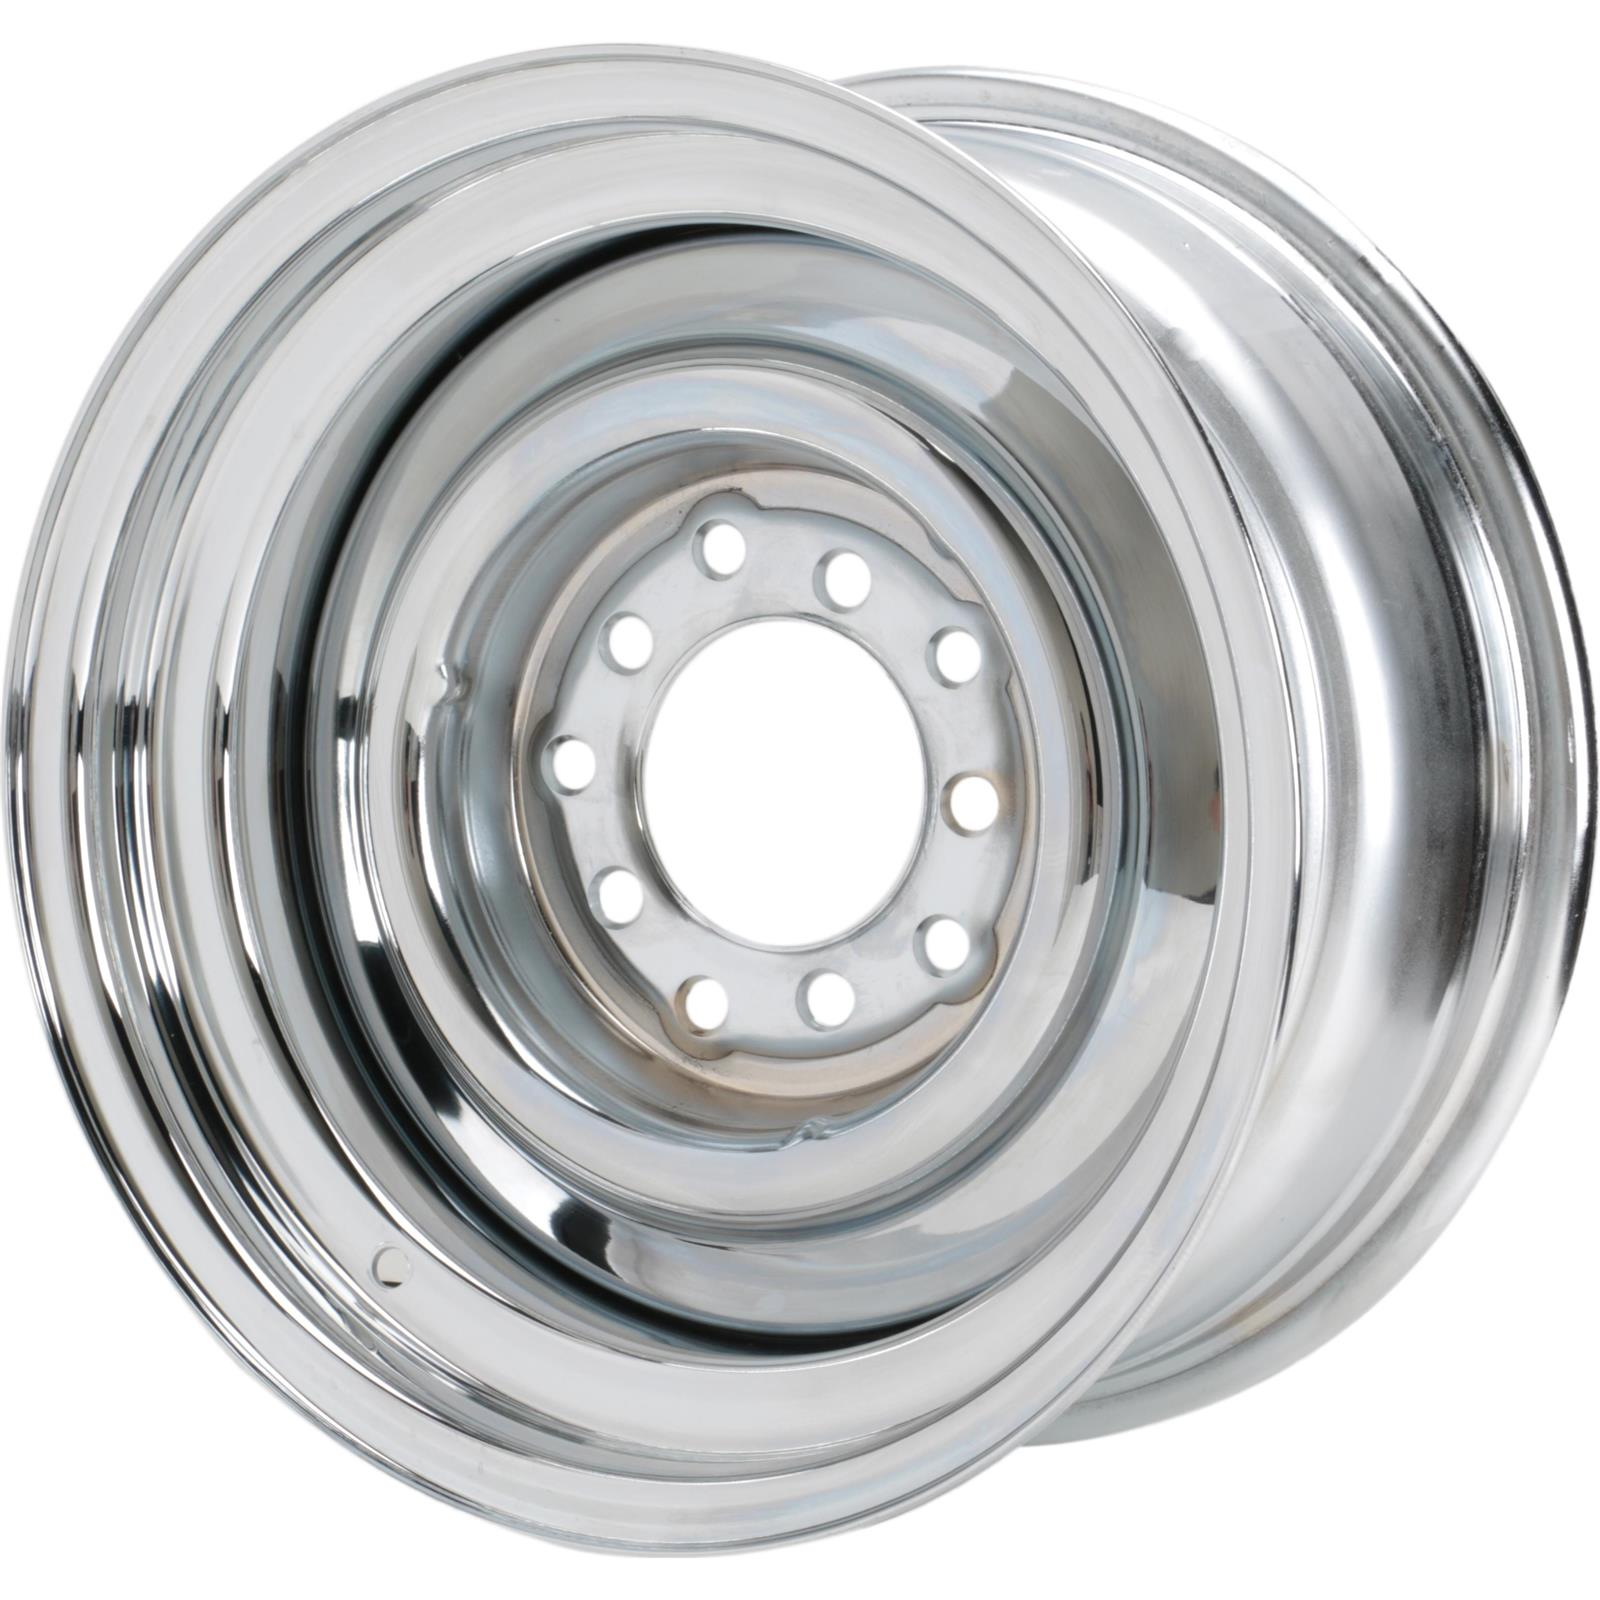 Speedway Smoothie 15x7  Steel Wheel, 5 on 5/5.5, 4.0 BS